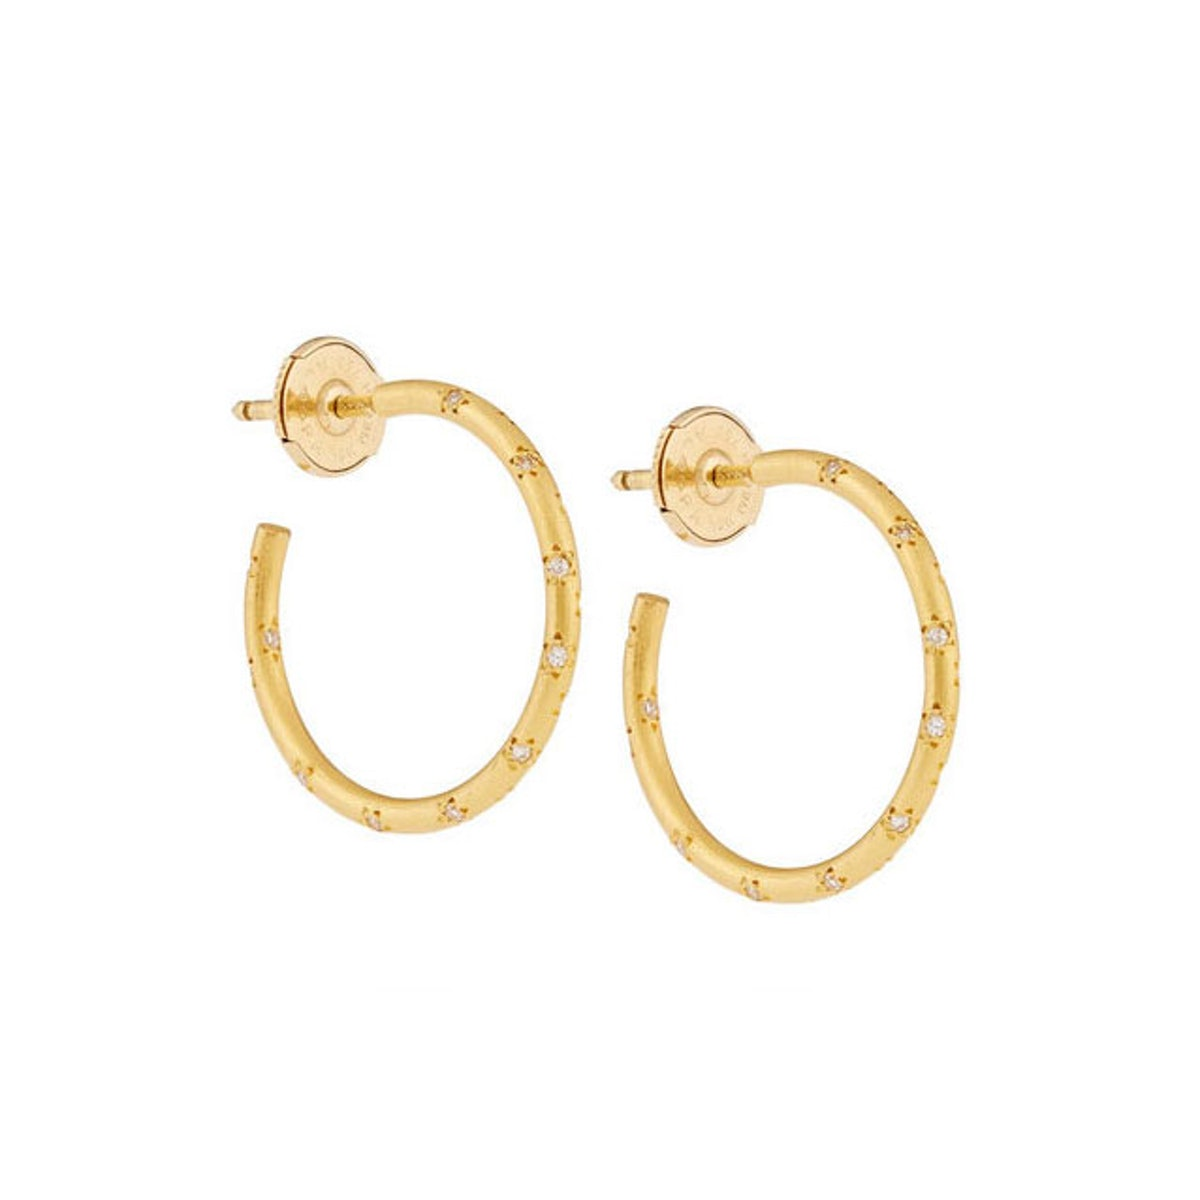 Marie-Helene de Taillac 22-karat gold diamond hoop earrings